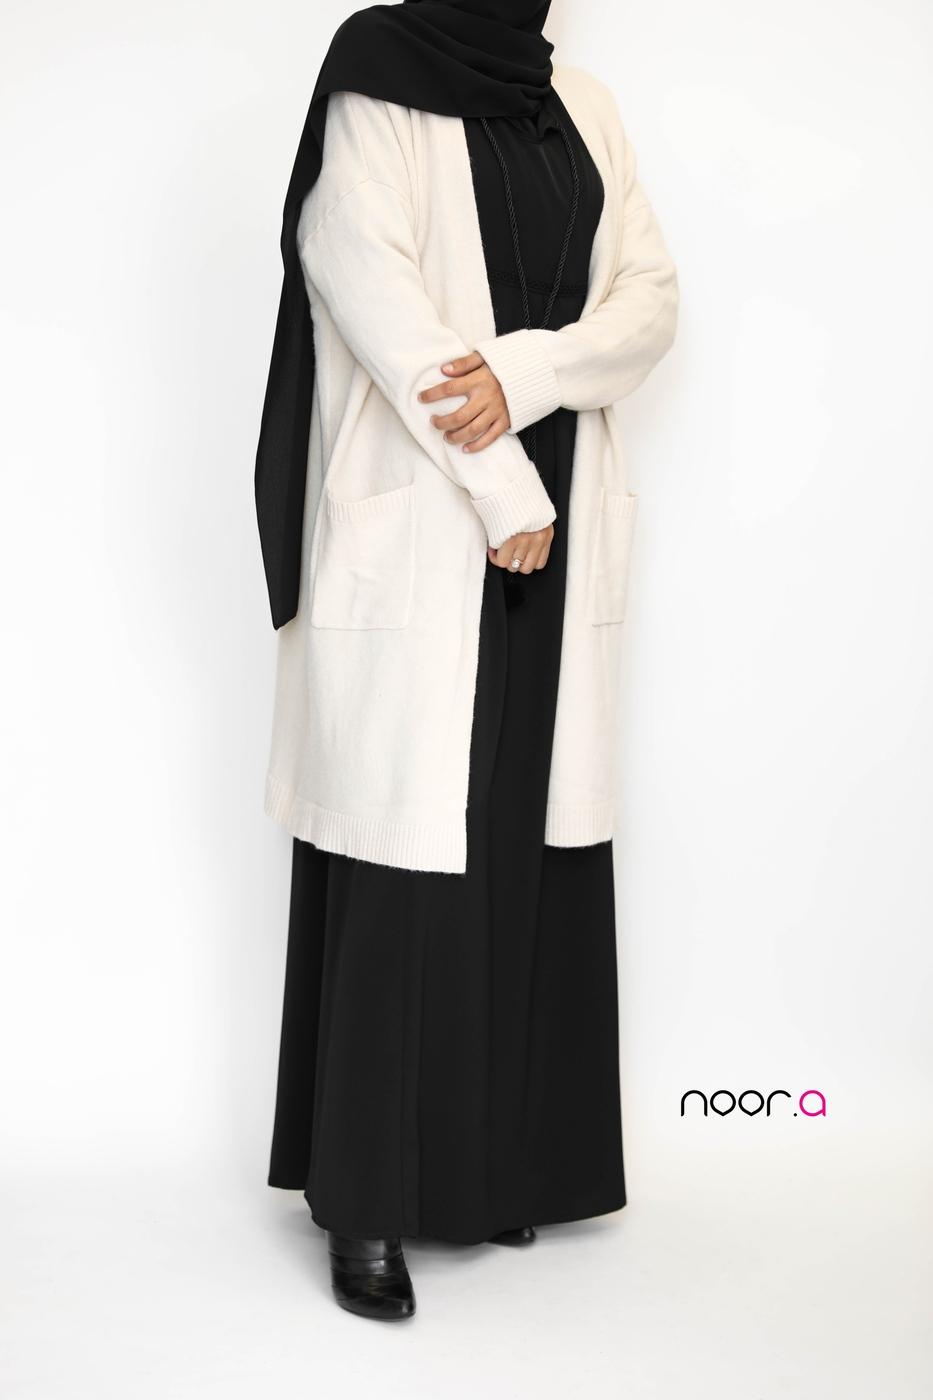 gilet-epais-crème-robe-longue-safa-noire-hijab-soie-de-medine-noir